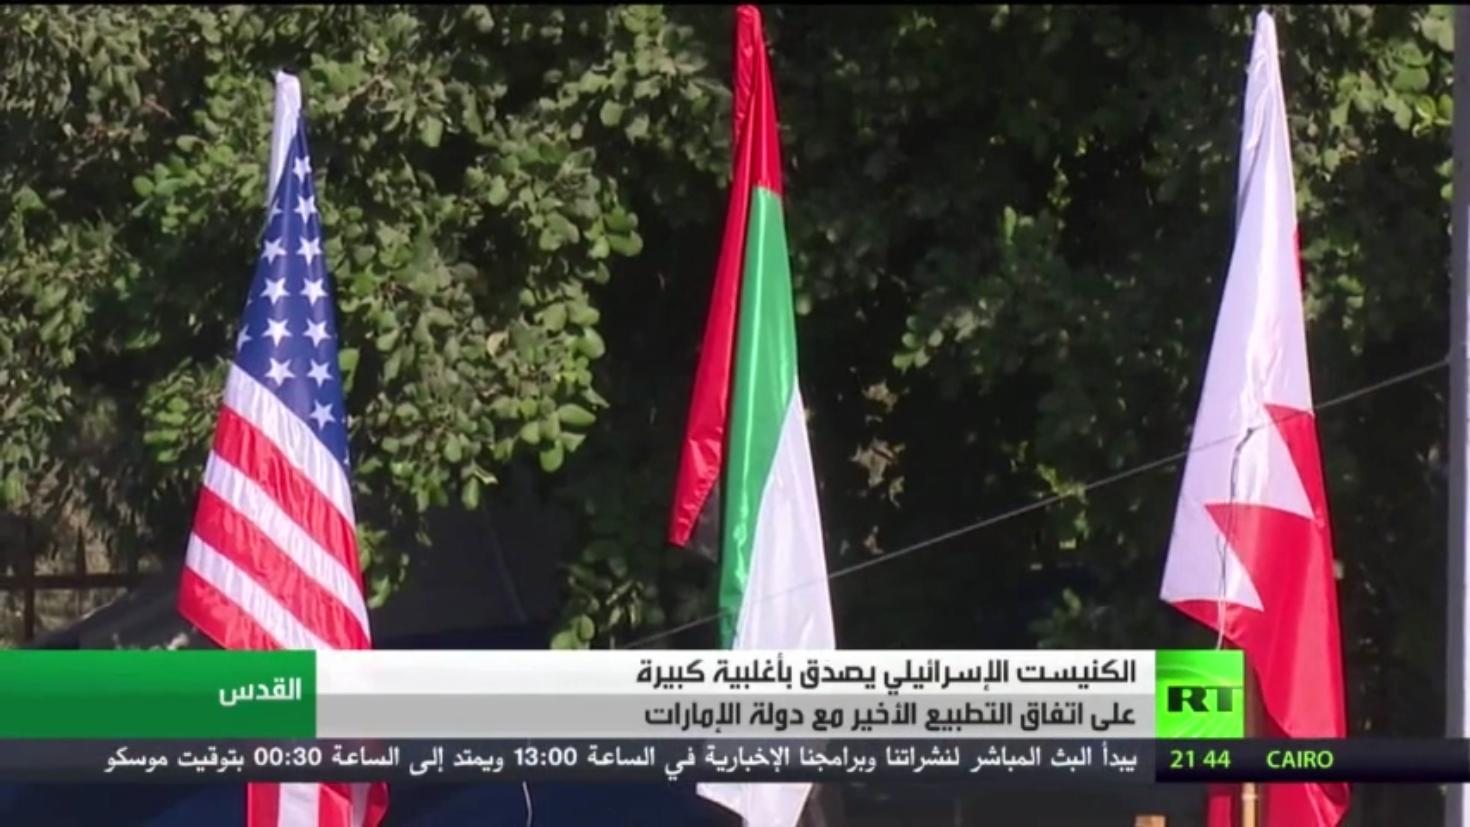 الكنيست يصدق اتفاقية التطبيع مع الإمارات